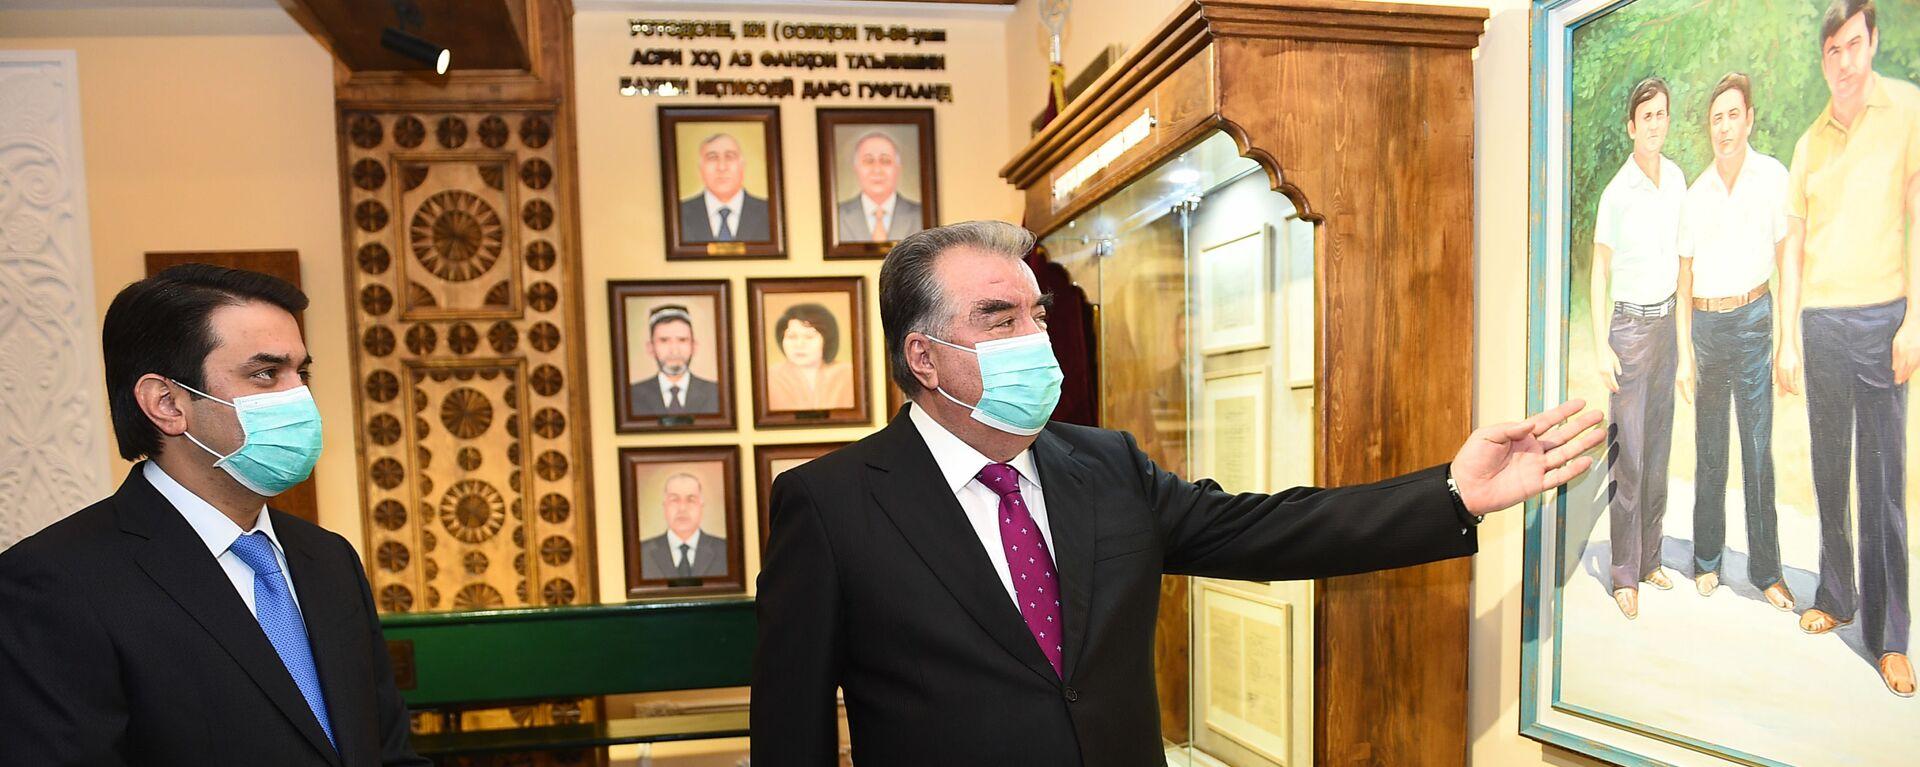 Президент Республики Таджикистан Эмомали Рахмон на открытии музея в ТНУ - Sputnik Таджикистан, 1920, 22.01.2021